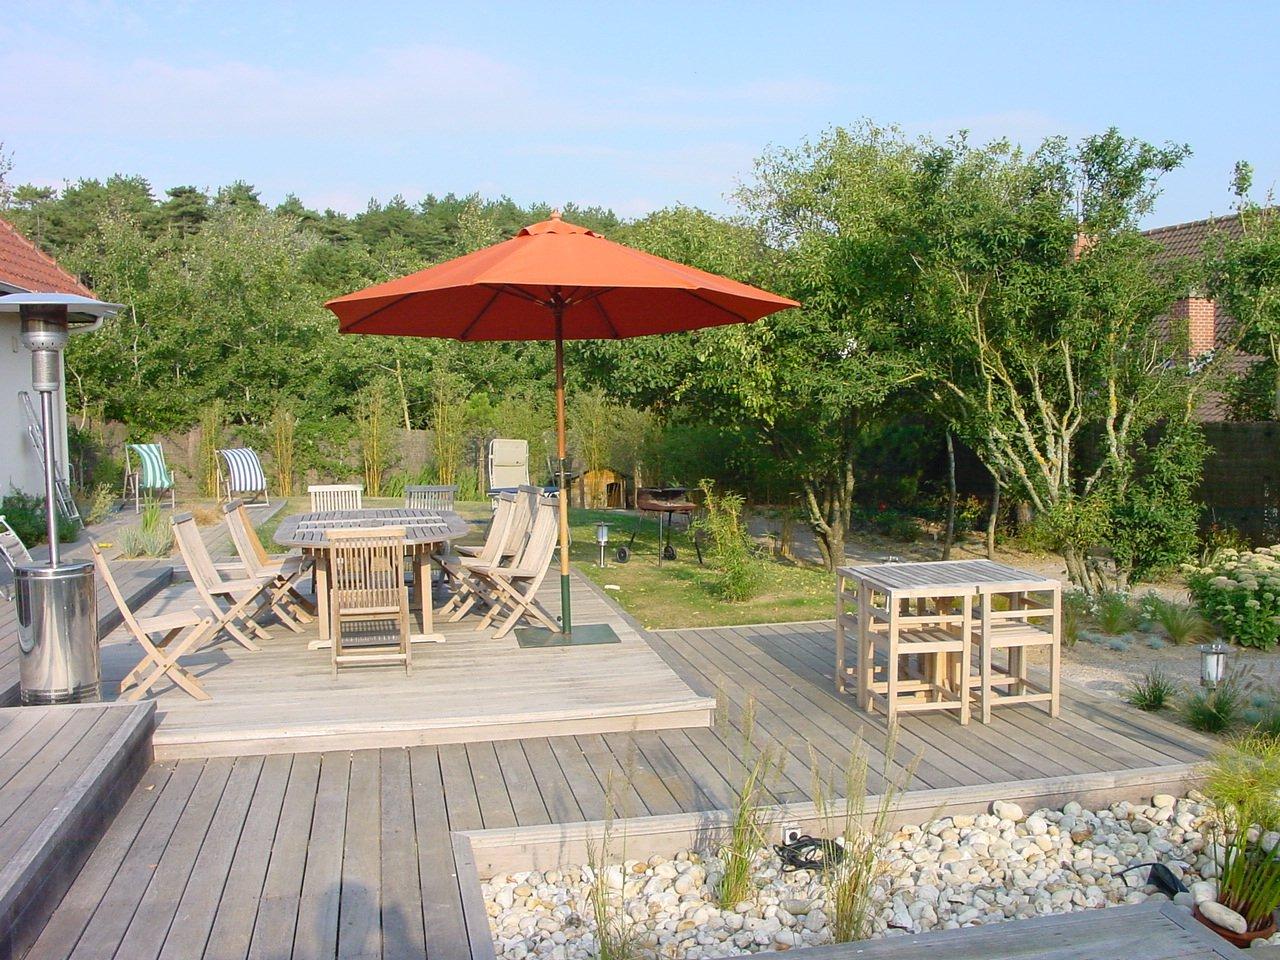 les plans en ligne pour vos projets de terrasses accs parkings jardins voiries abords crs par des architectes paysagistes chez pierre sol